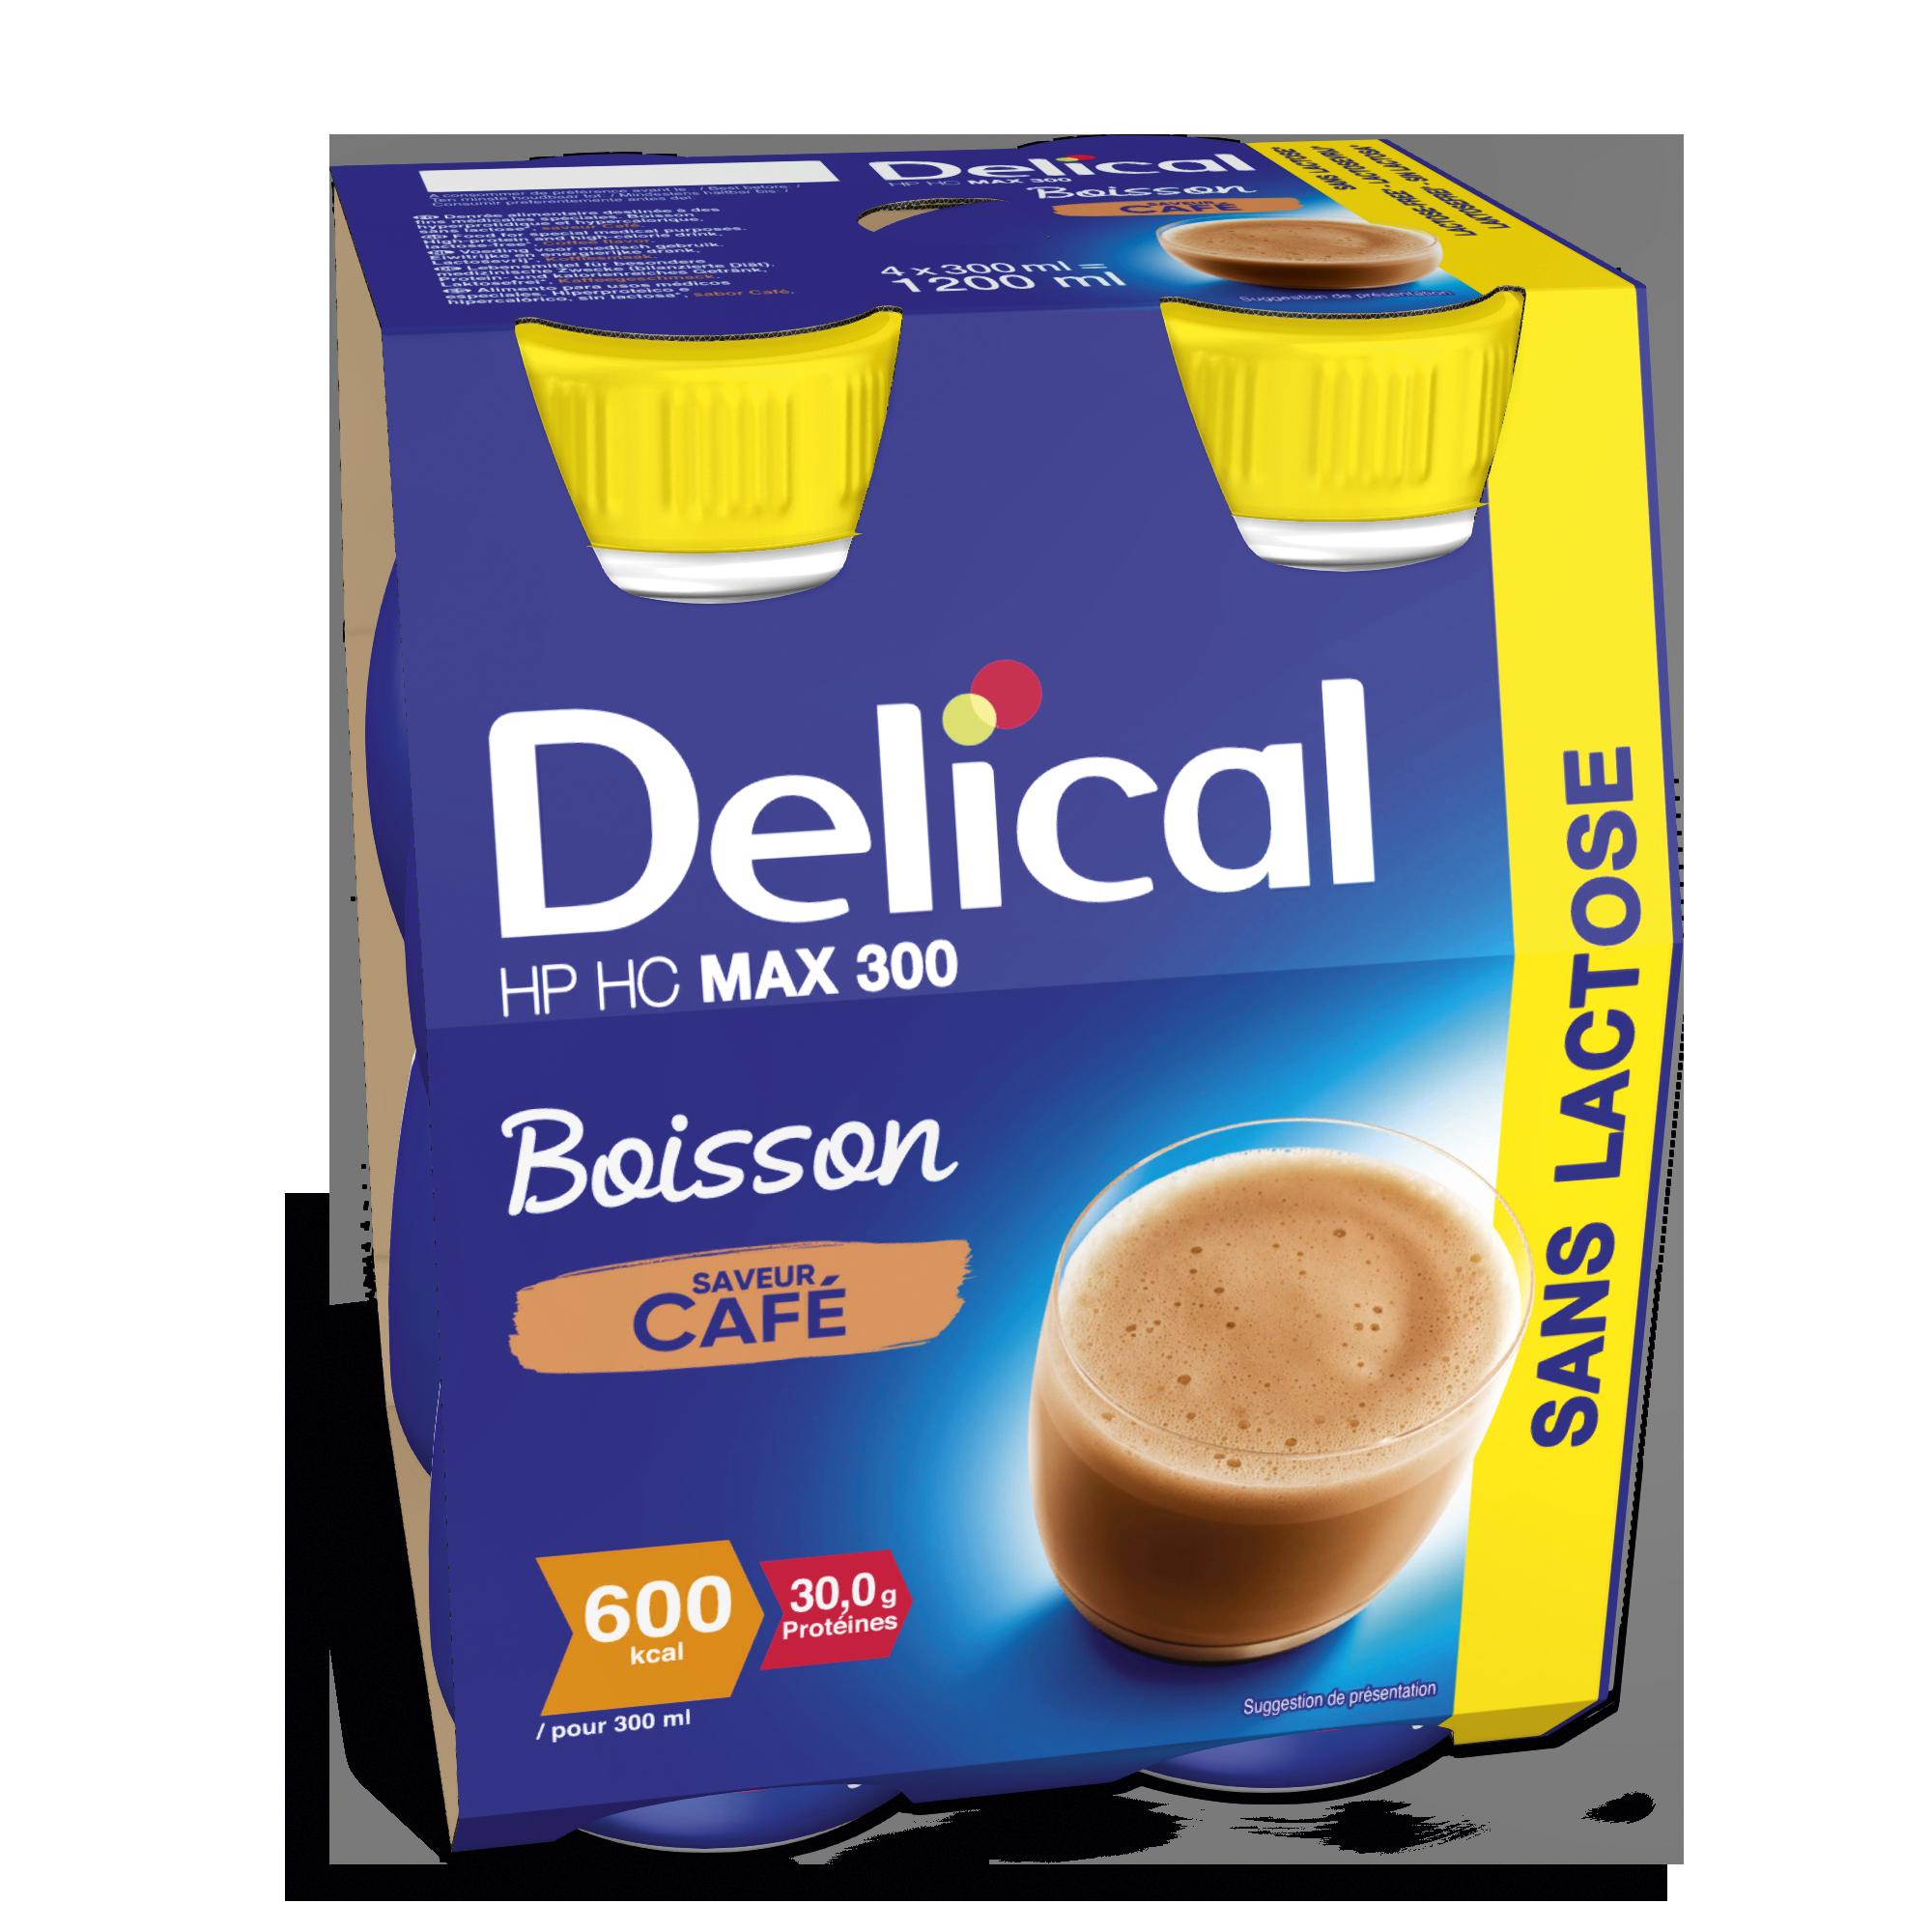 Image DELICAL MAX 300 SANS LACTOSE Nutriment café 4Bouteilles/300ml